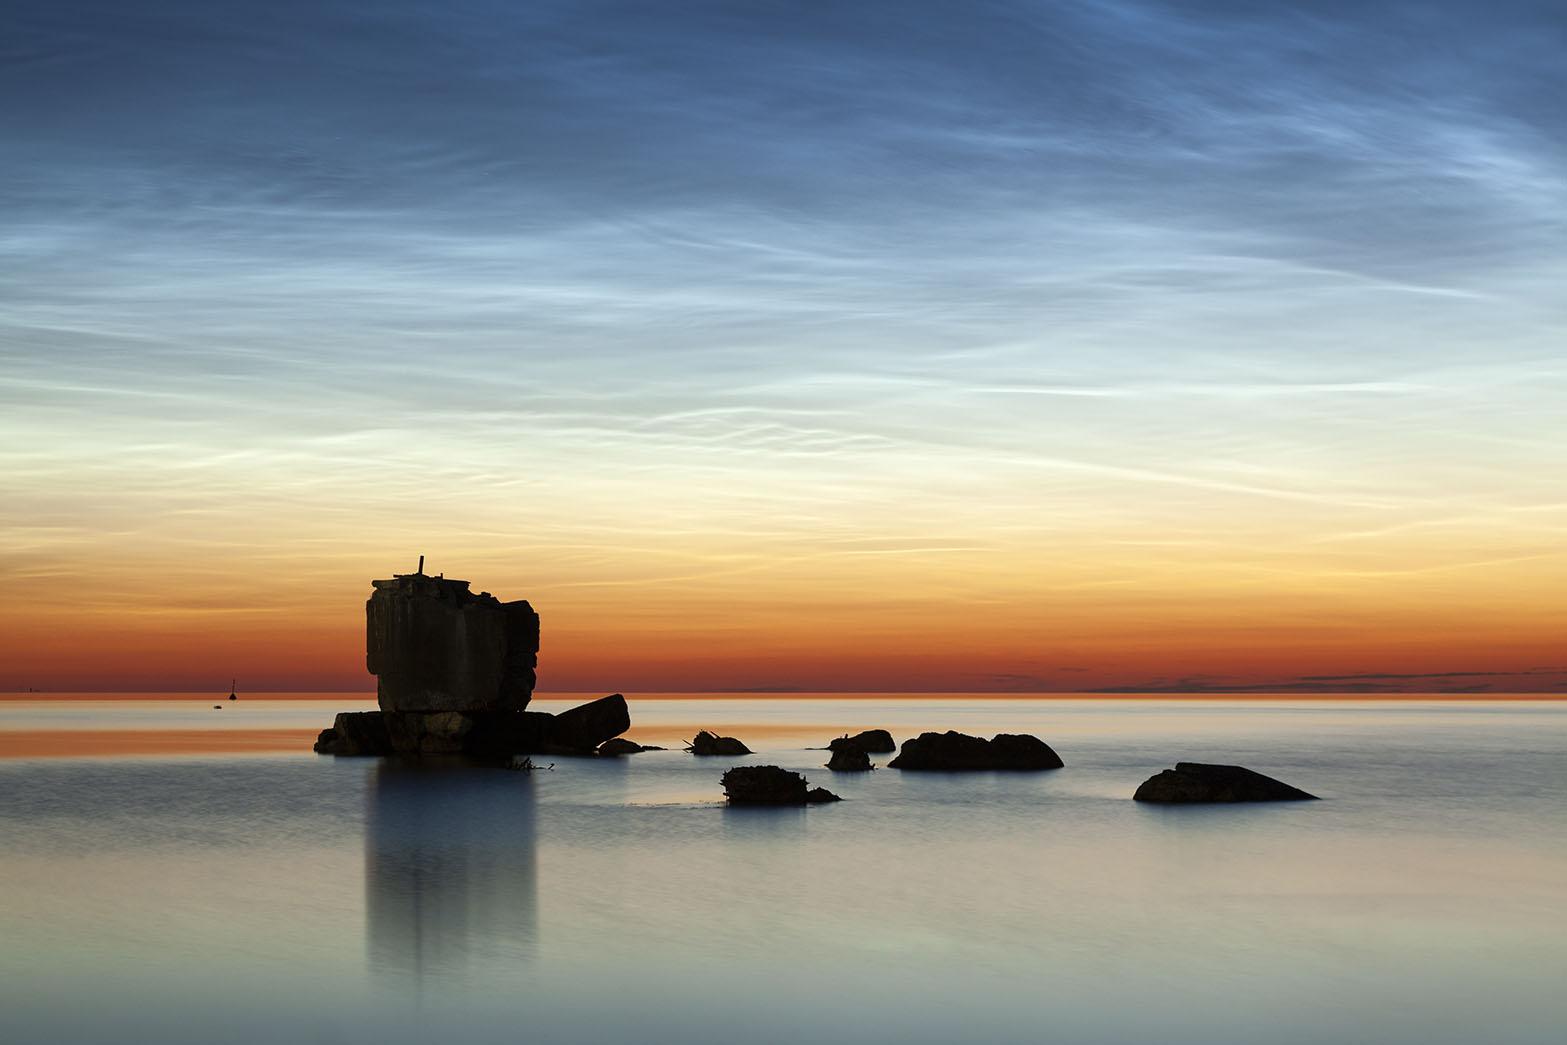 leuchtende Nachtwolken über einer Ruine in der Ostsee